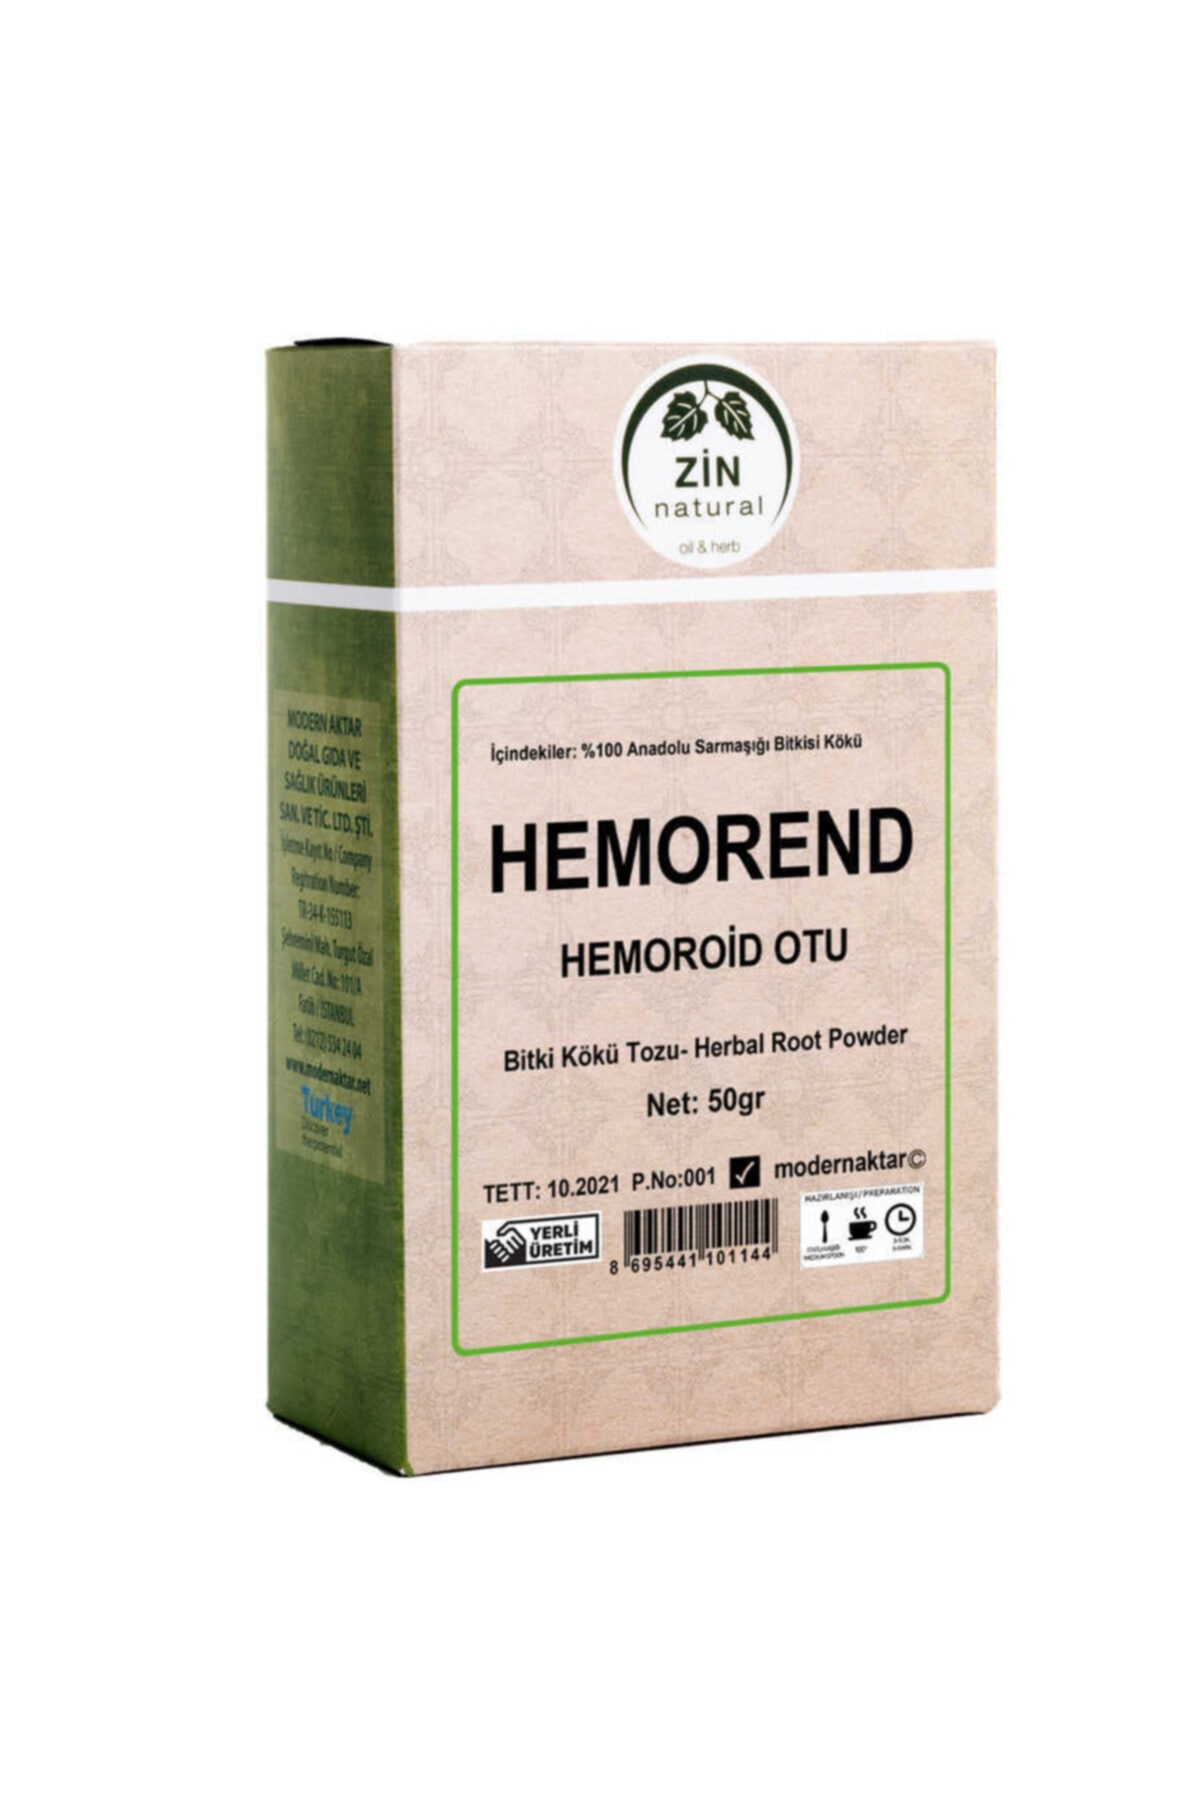 modern aktar Hemorend 50 Gr Hemoroid Otu - Basur Otu 1